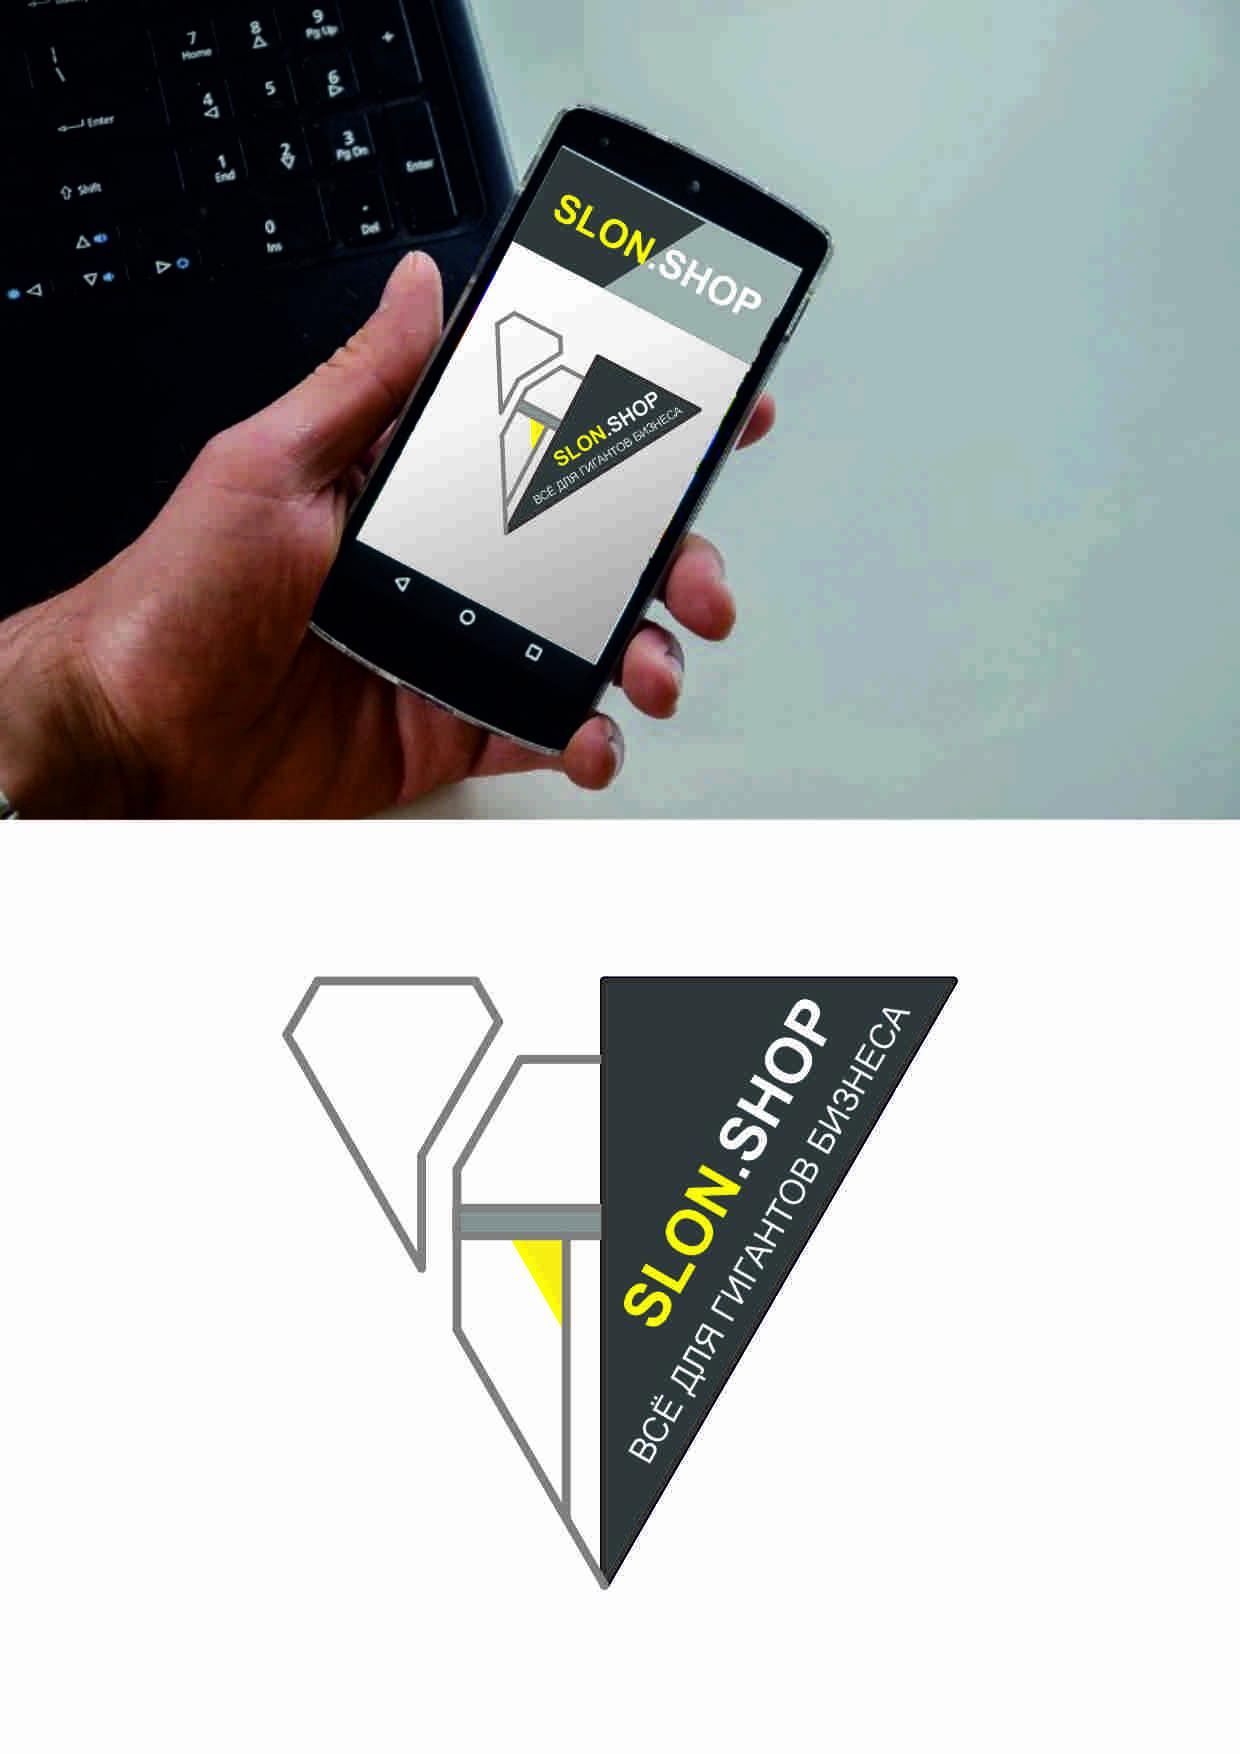 Разработать логотип и фирменный стиль интернет-магазина  фото f_3085991fc86dc7dd.jpg